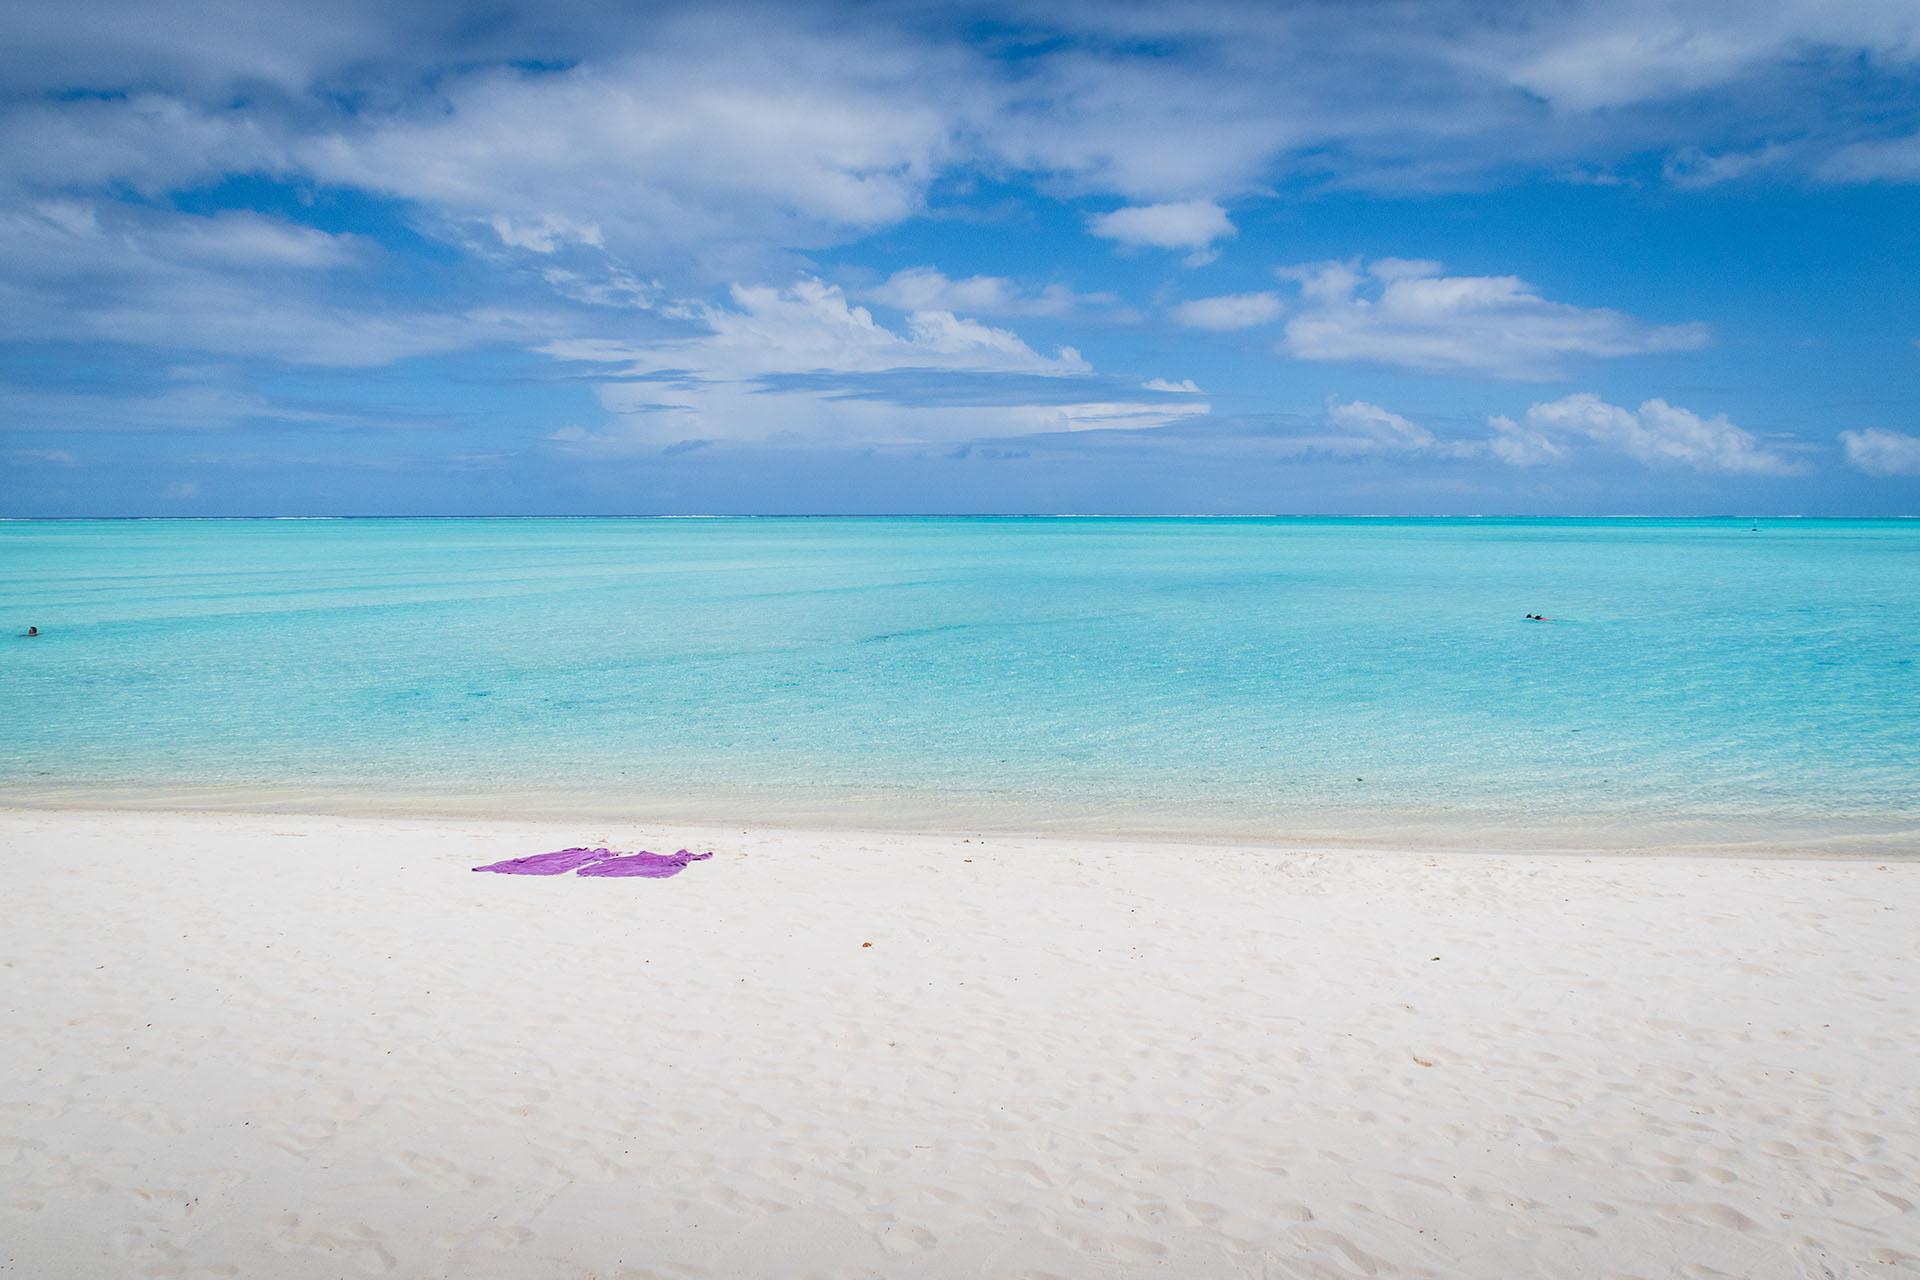 Matira Beach es en realidad la única playa pública en Bora Bora. Con arenas blancas y hermosas aguas, es lo más parecido al paraíso